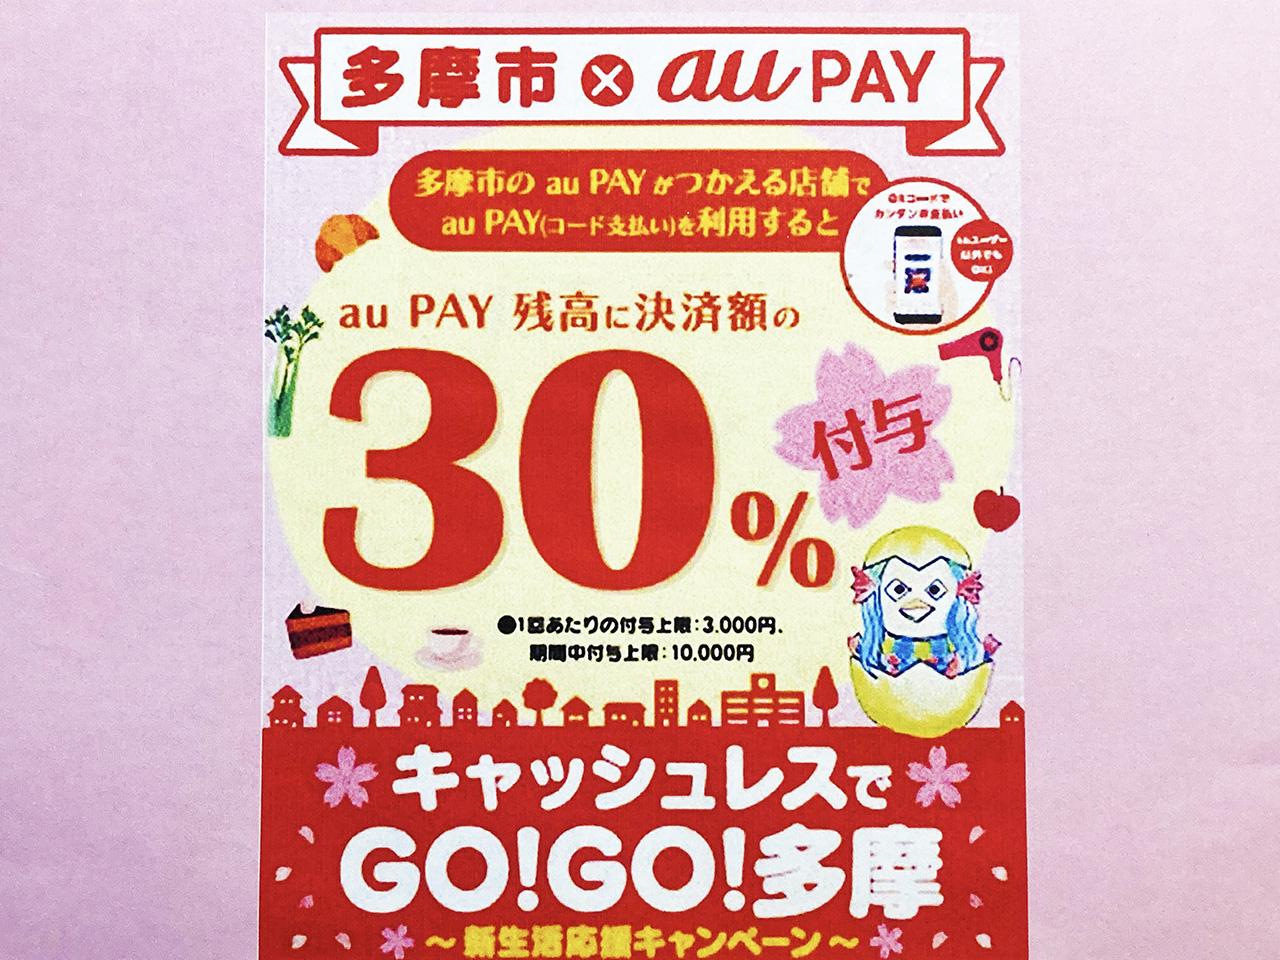 第2弾実施決定!au PAYで30%相当額が戻ってくる『キャッシュレスでGO!GO!多摩』3月27日から!